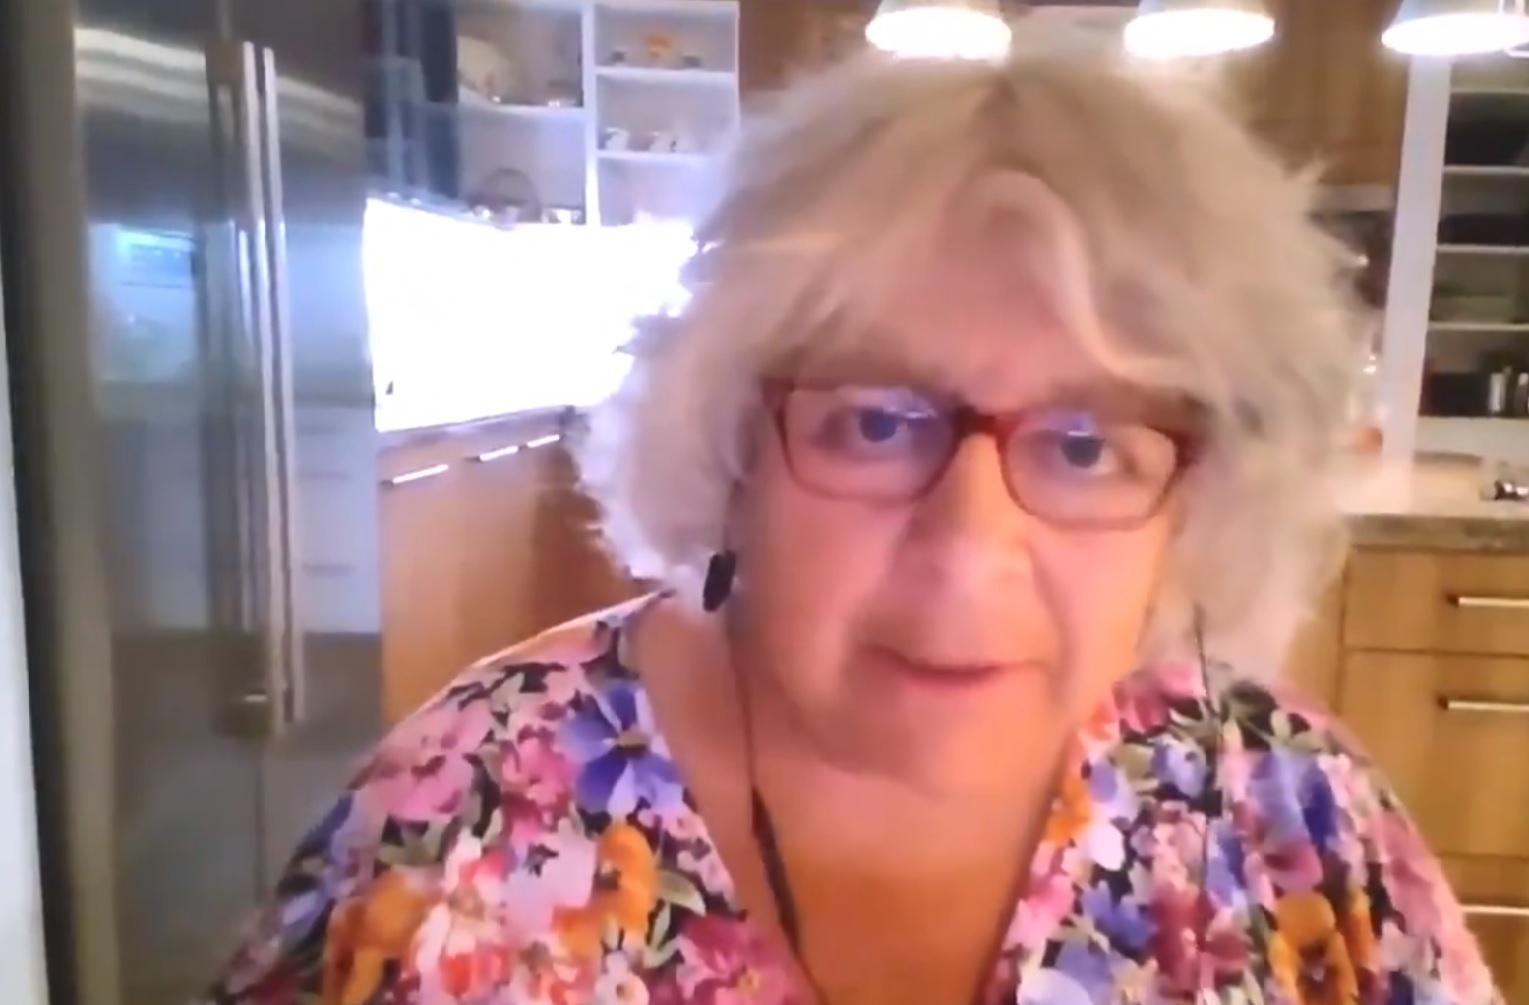 Miriam Margolyes says she wanted Boris Johnson to die from coronavirus